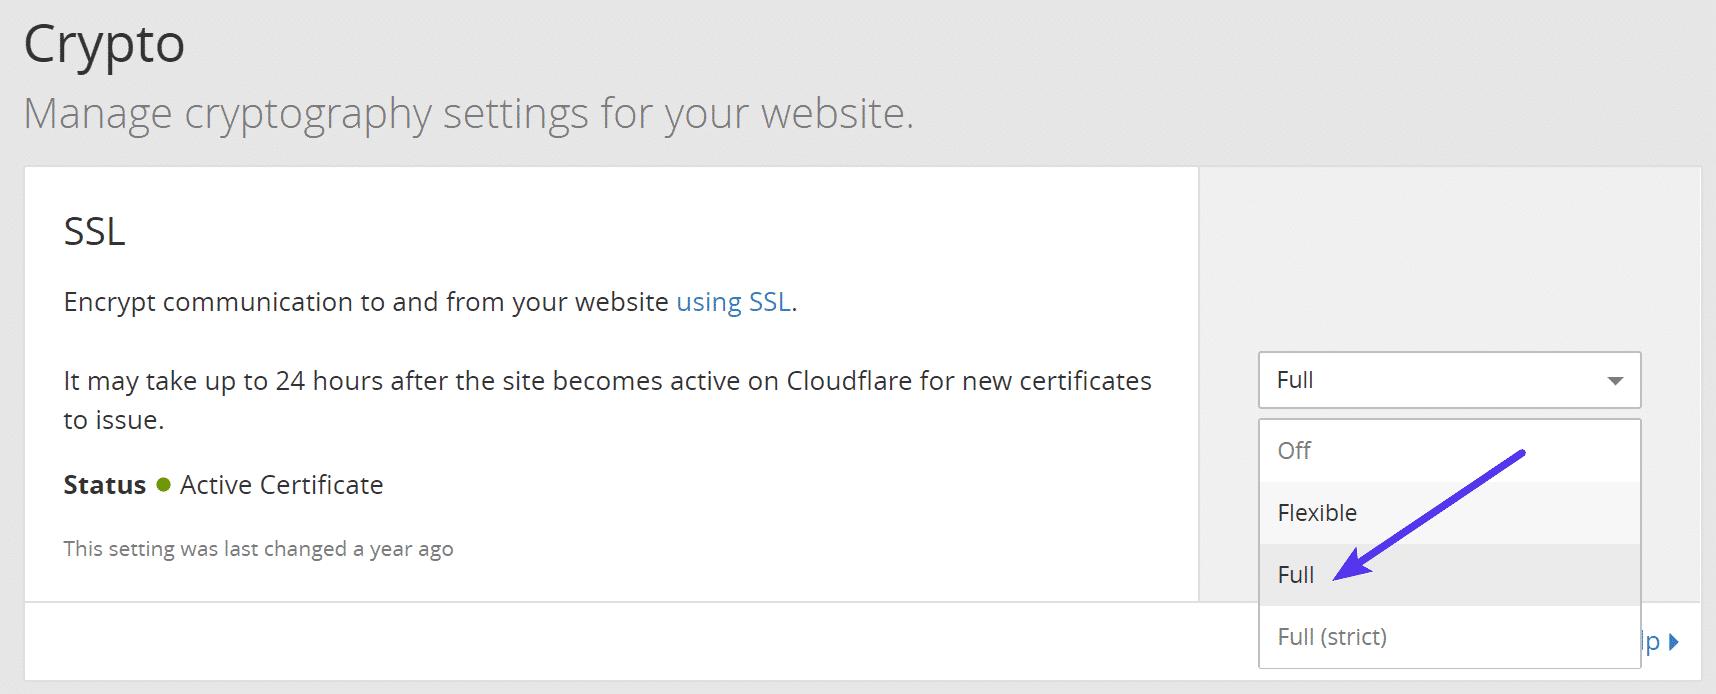 Cloudflareの暗号レベルをFullに設定する